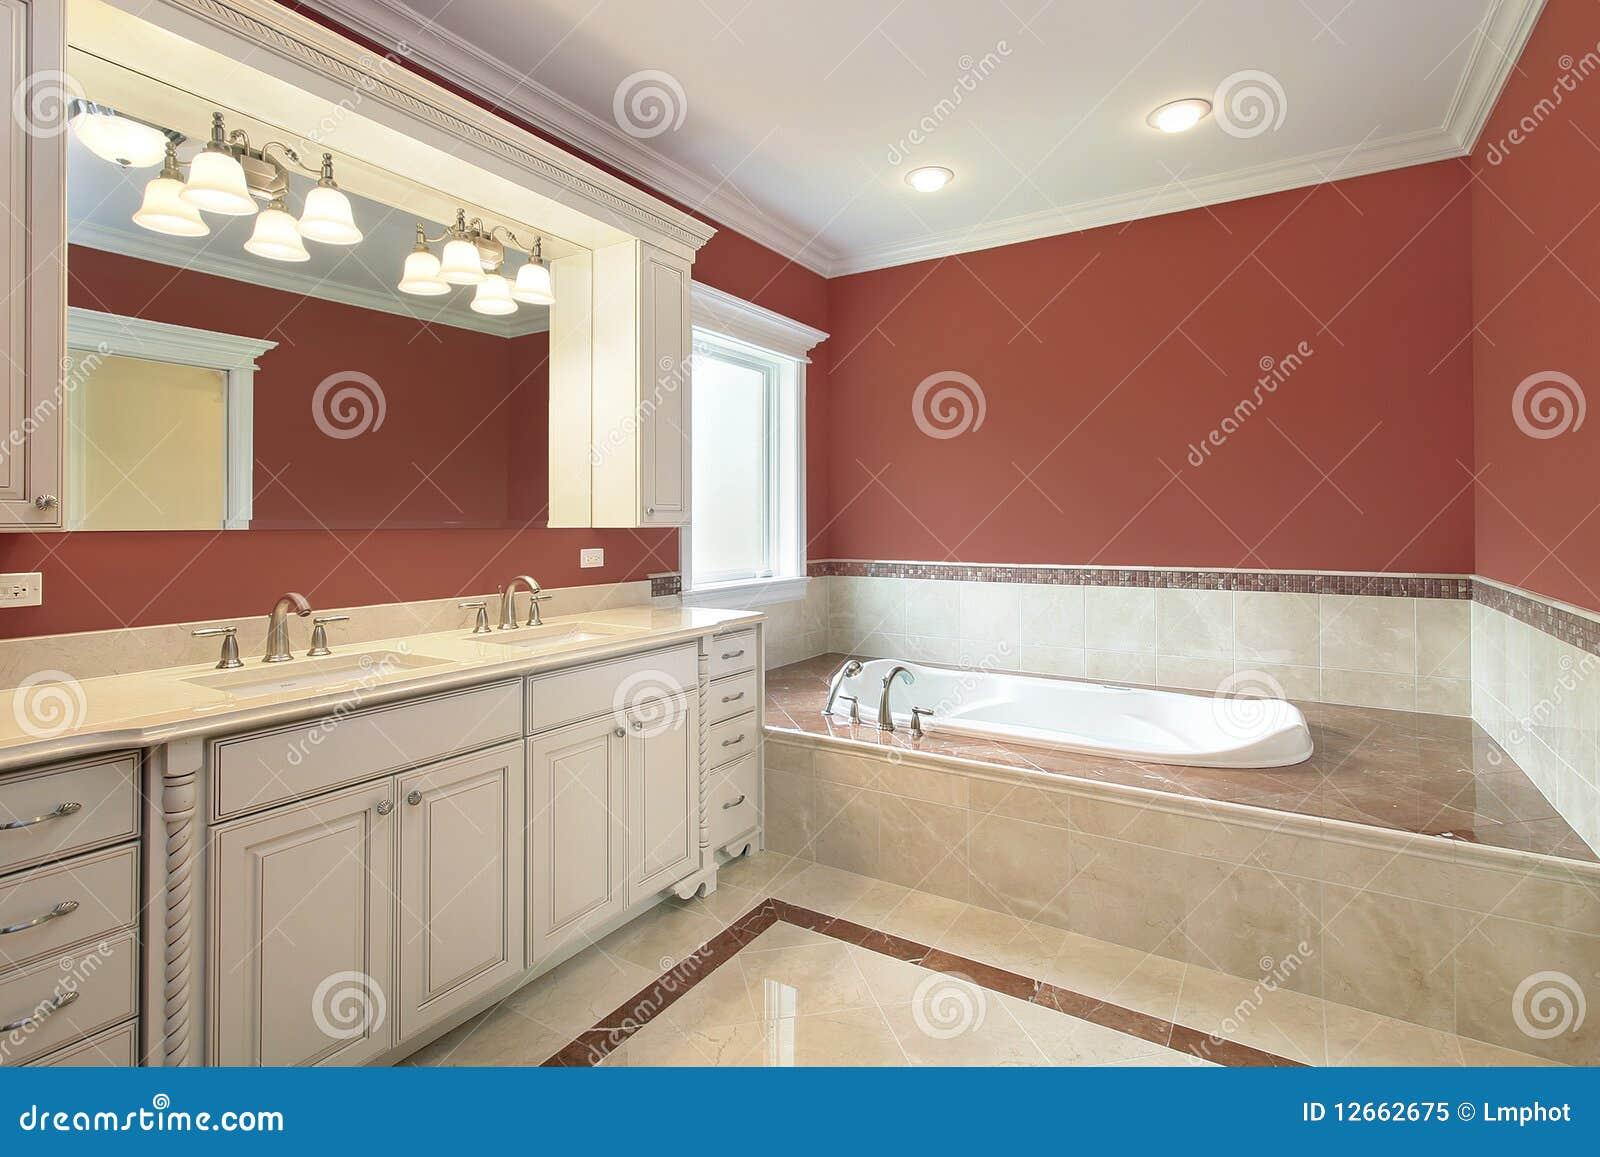 Bagno matrice con le pareti colorate salmoni fotografia - Pareti colorate bagno ...